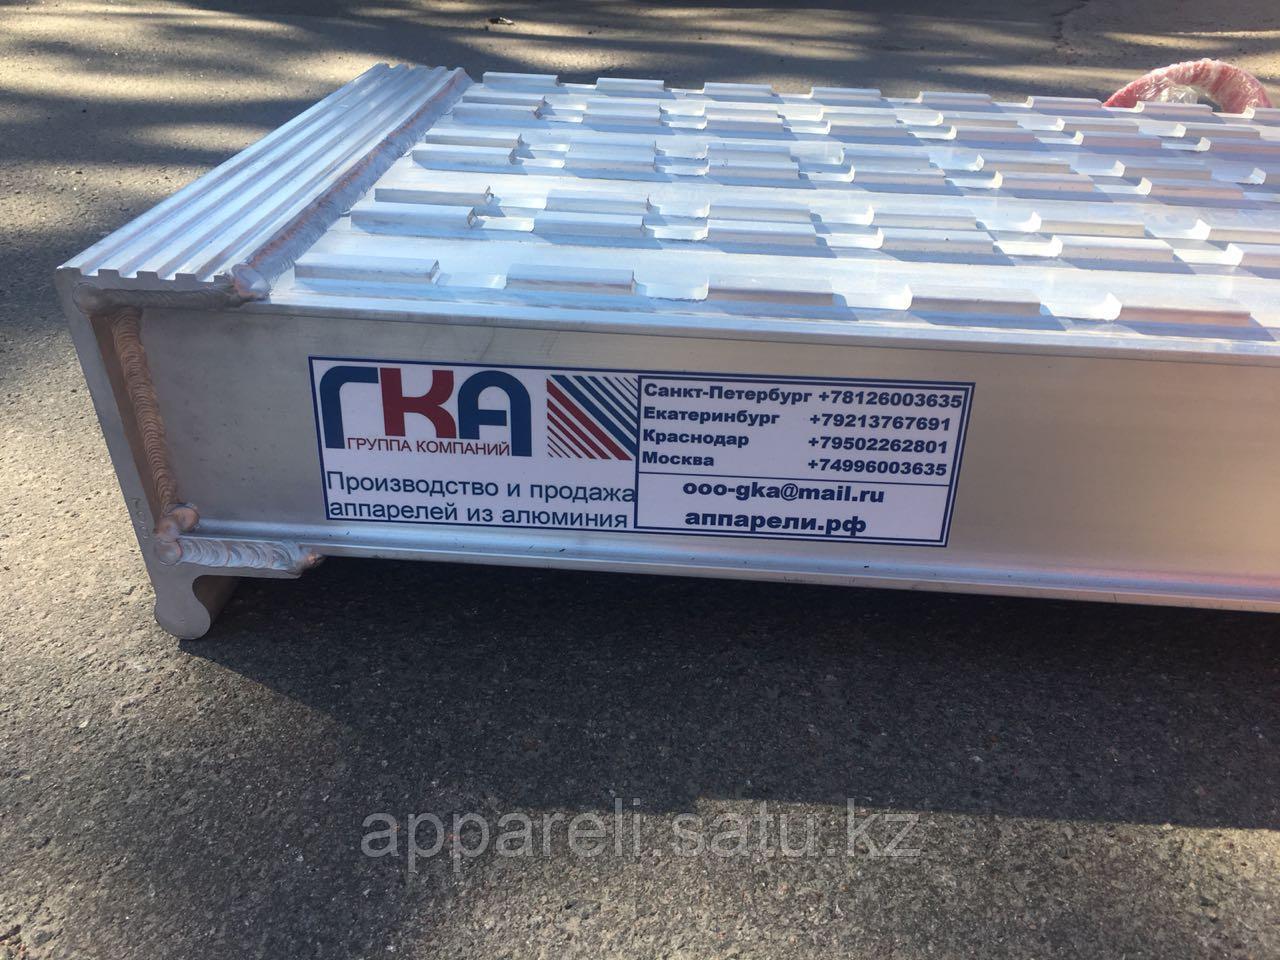 Рампы алюминиевые для спецтехники и полуприцепов 2,4 м